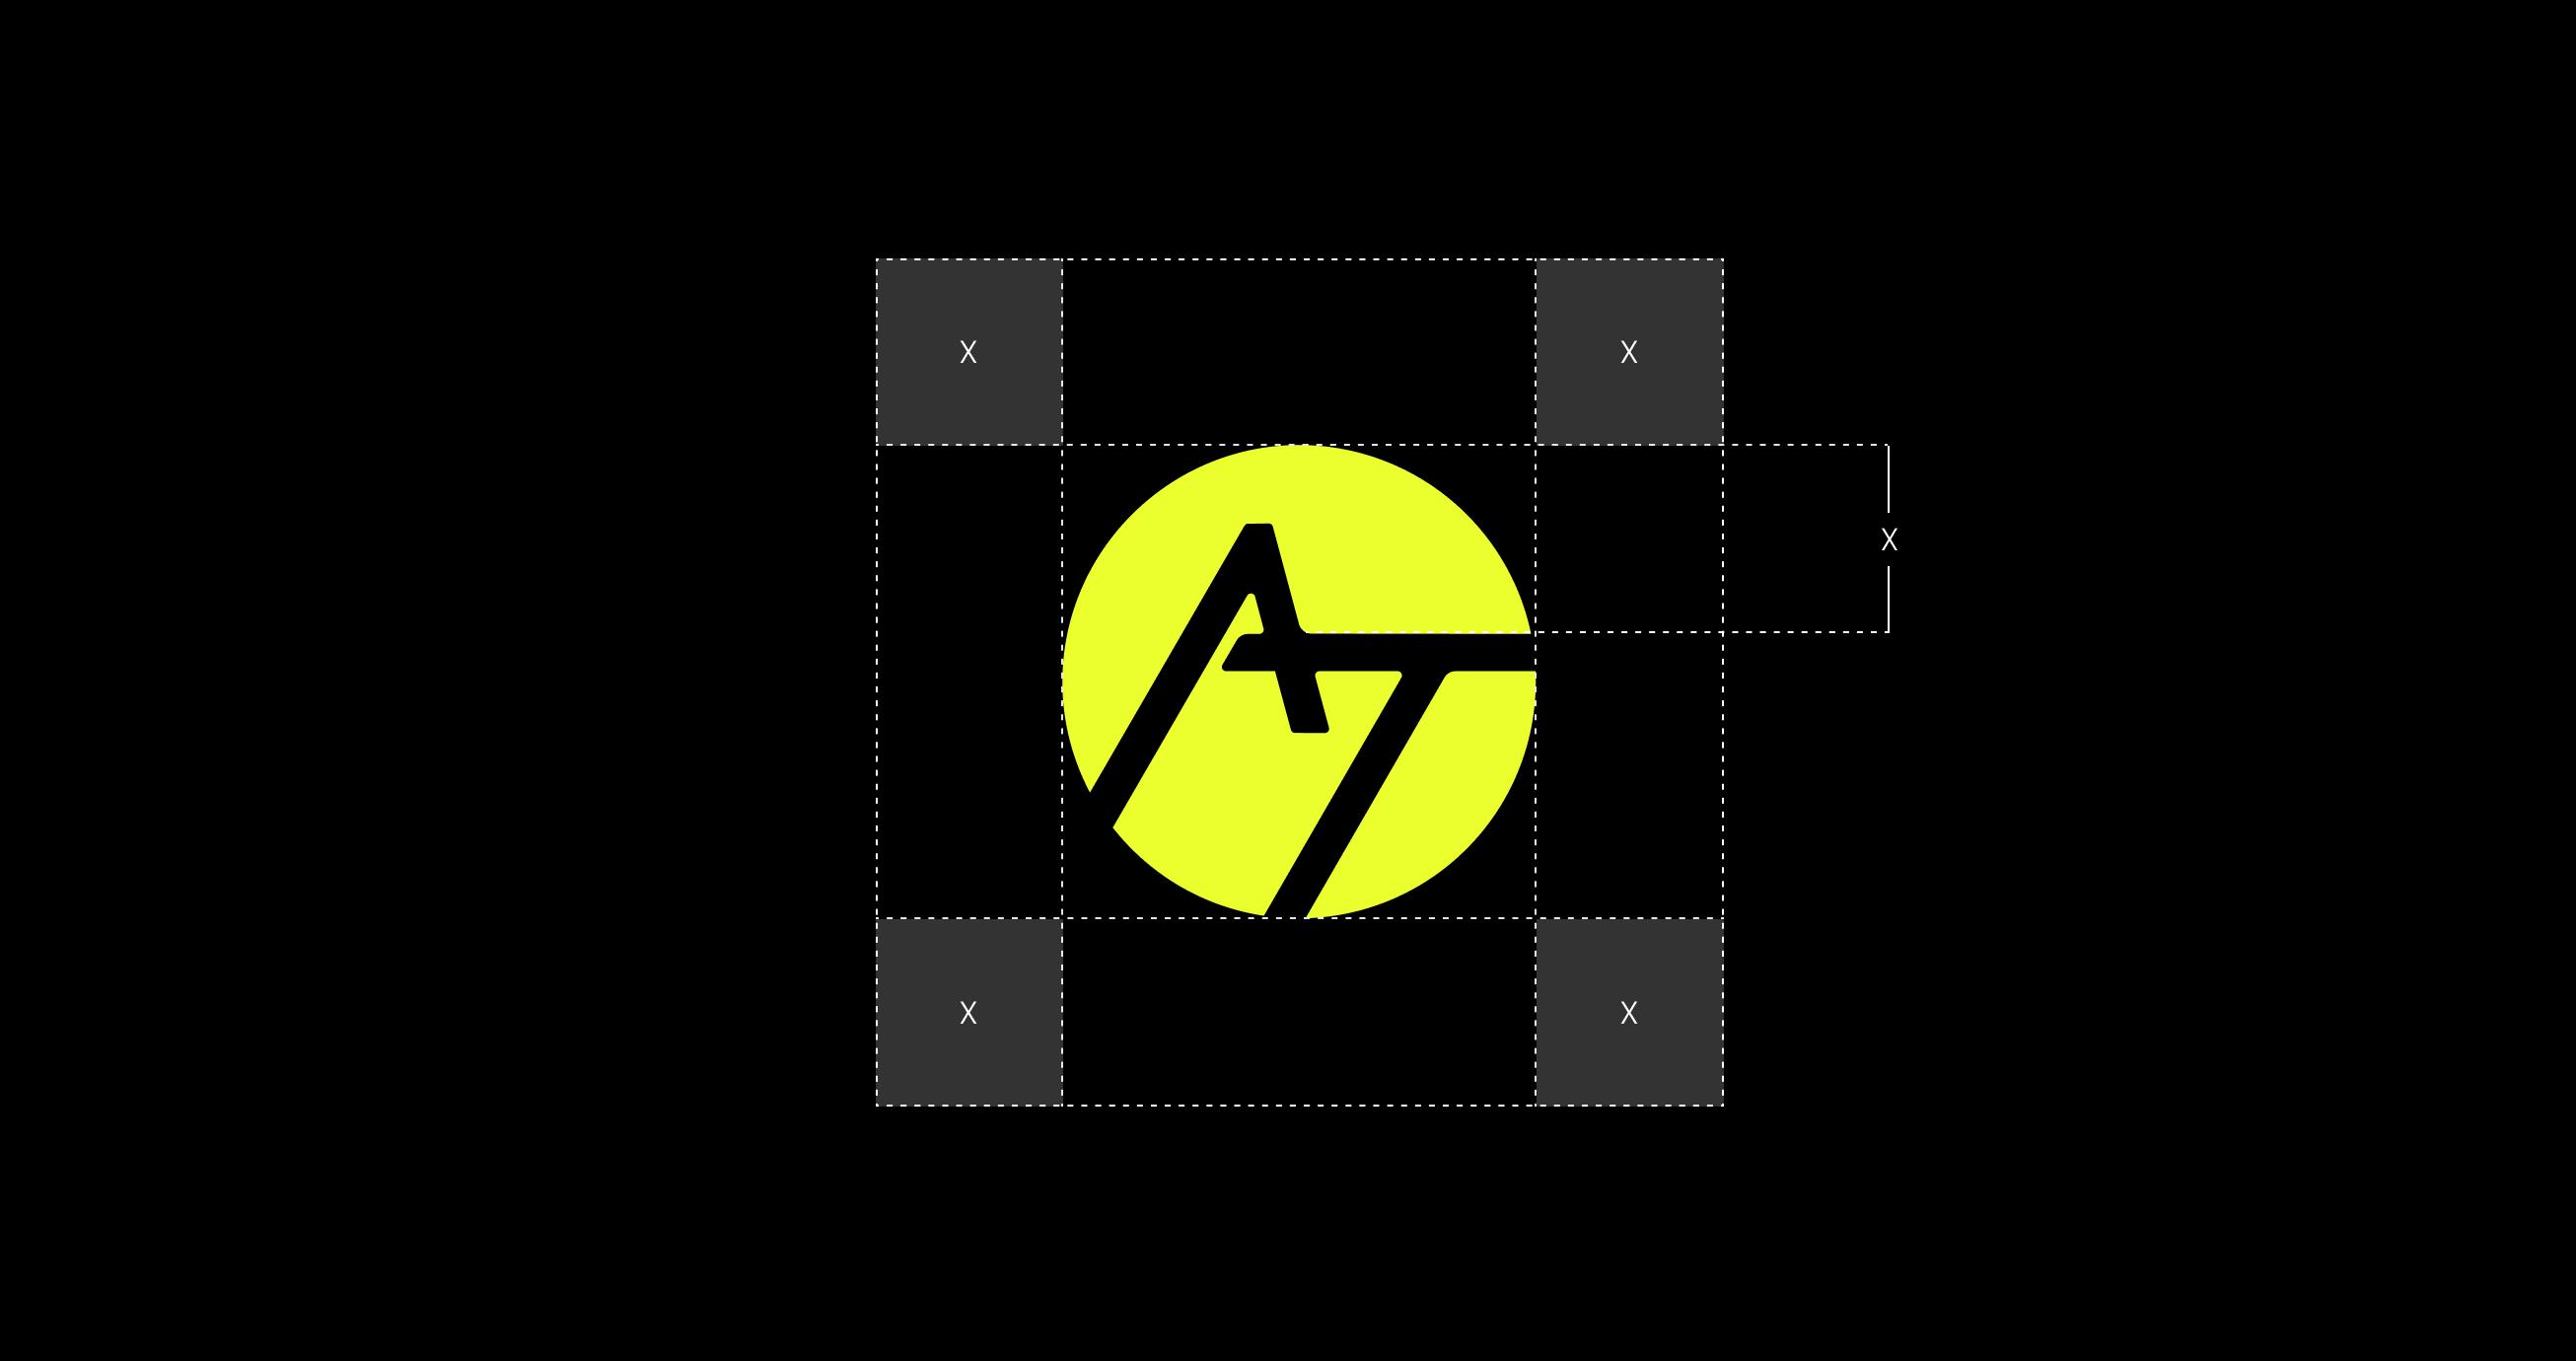 3_logos_spacing